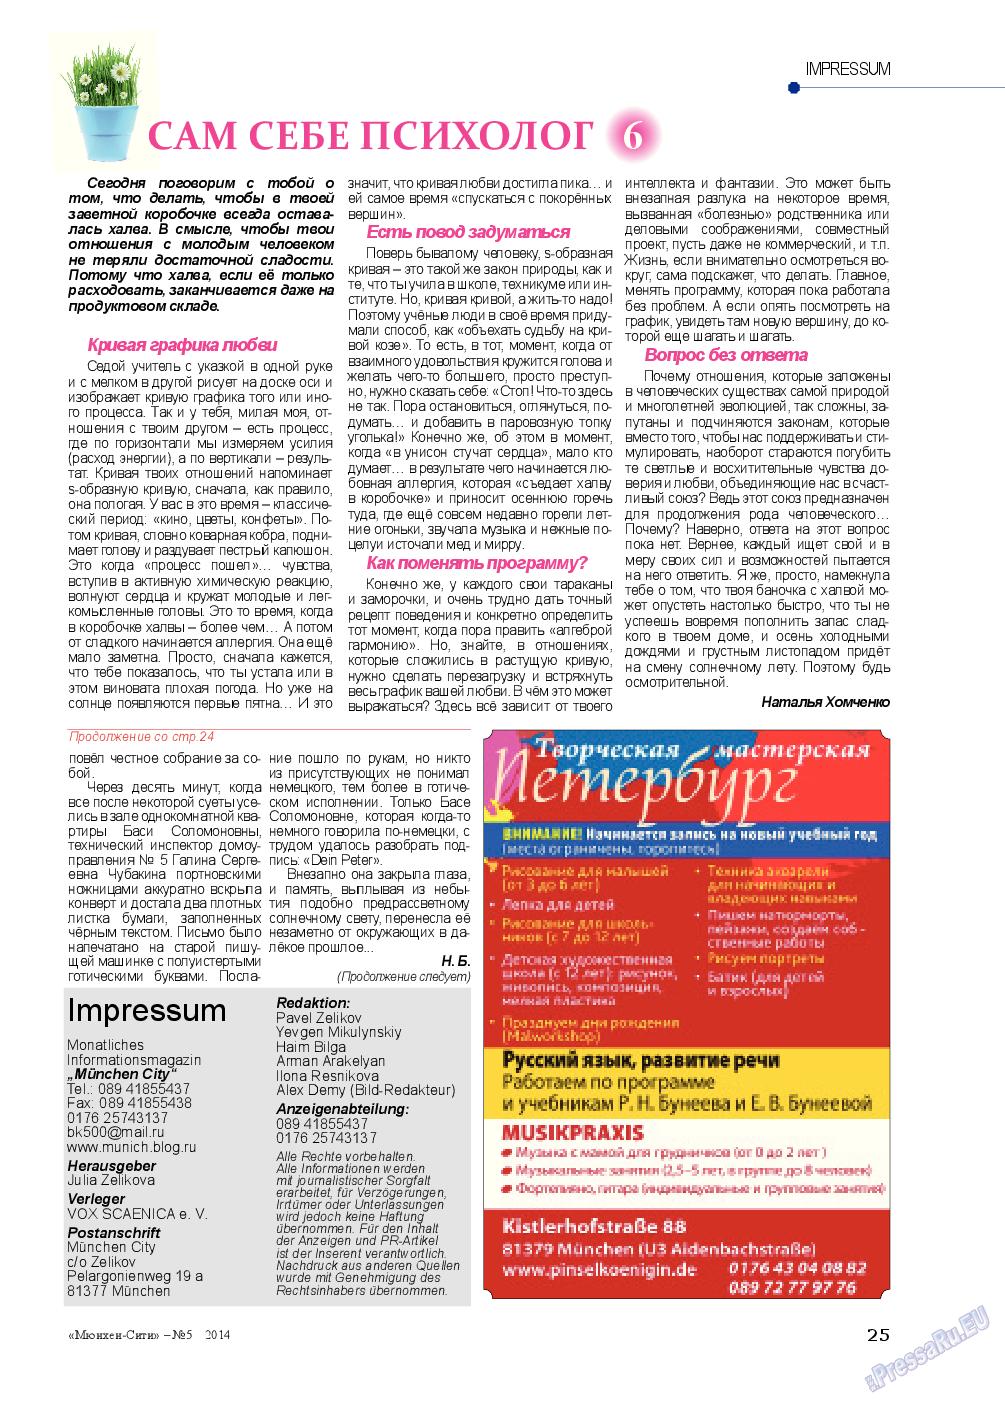 Мюнхен-сити (журнал). 2014 год, номер 5, стр. 25